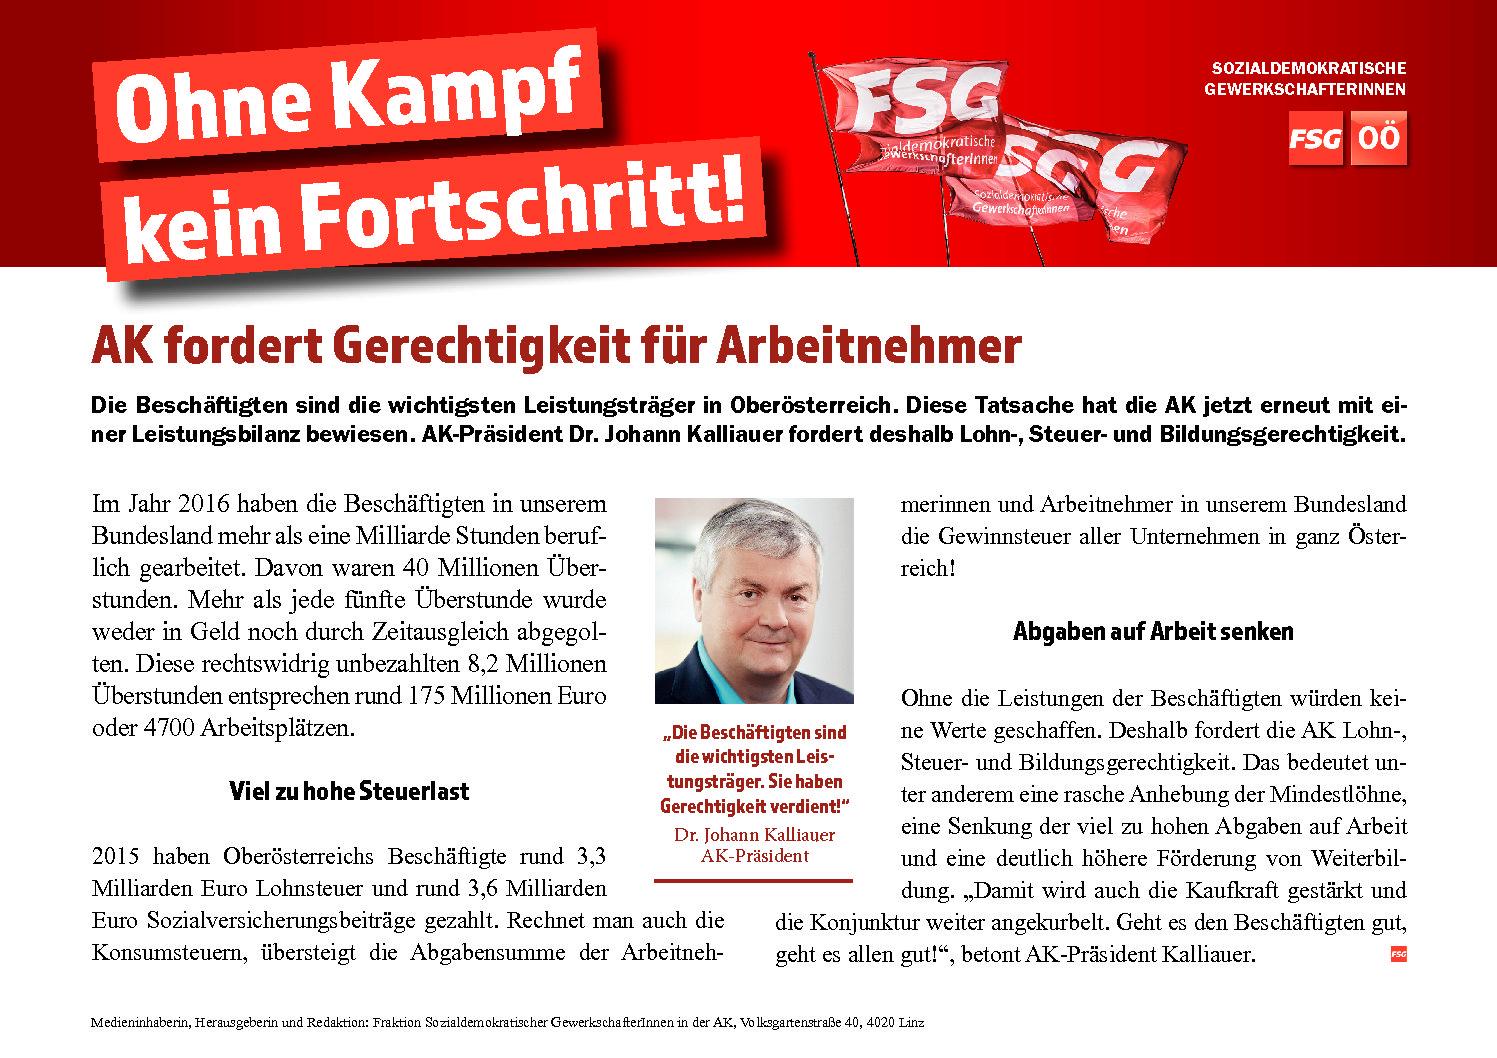 AK fordert Gerechtigkeit für Arbeitnehmer: Enorme Leistungen viel stärker honorieren!